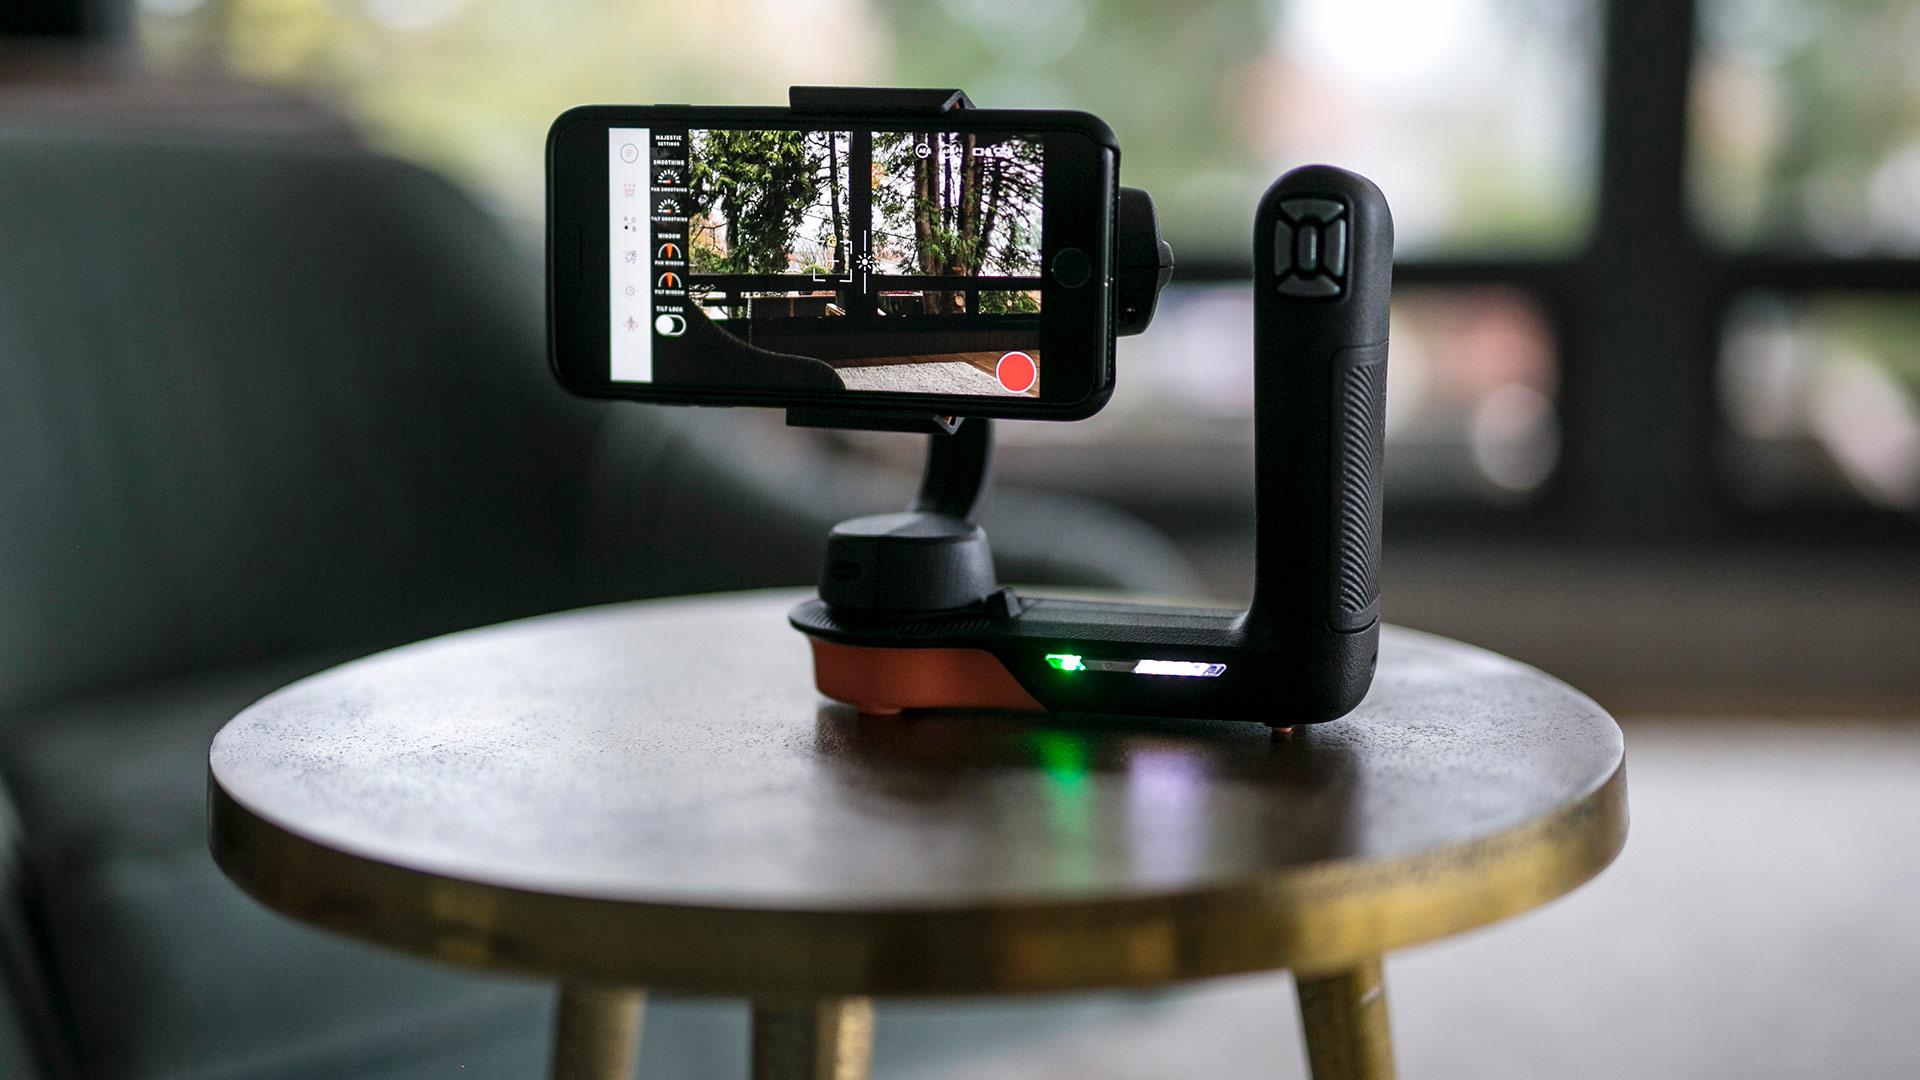 FreeflyがMoviを発表 - スマートフォン用の全く新しいスタビライザー